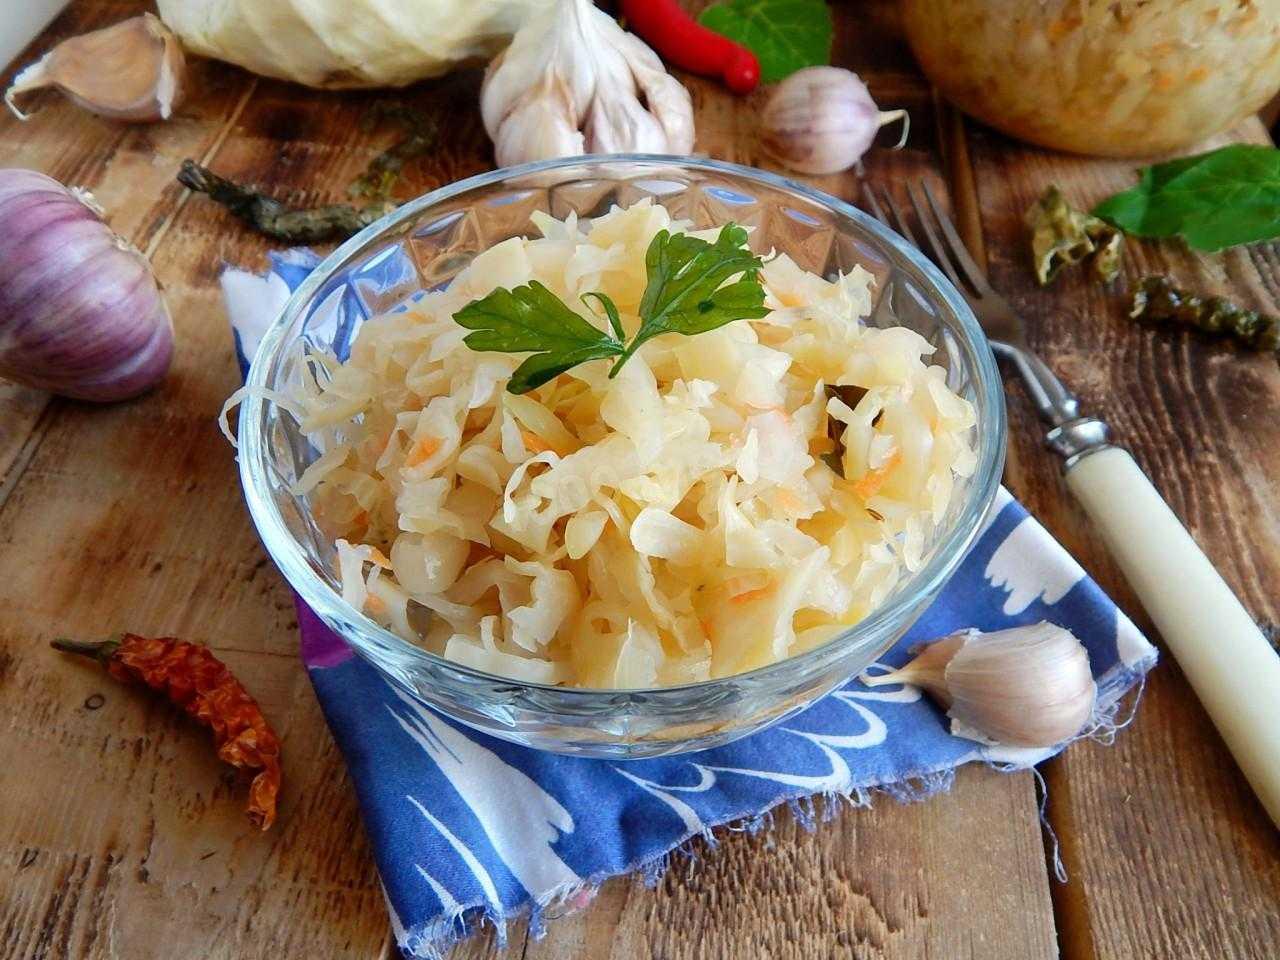 Маринованная капуста быстрого приготовления - самые вкусные рецепты